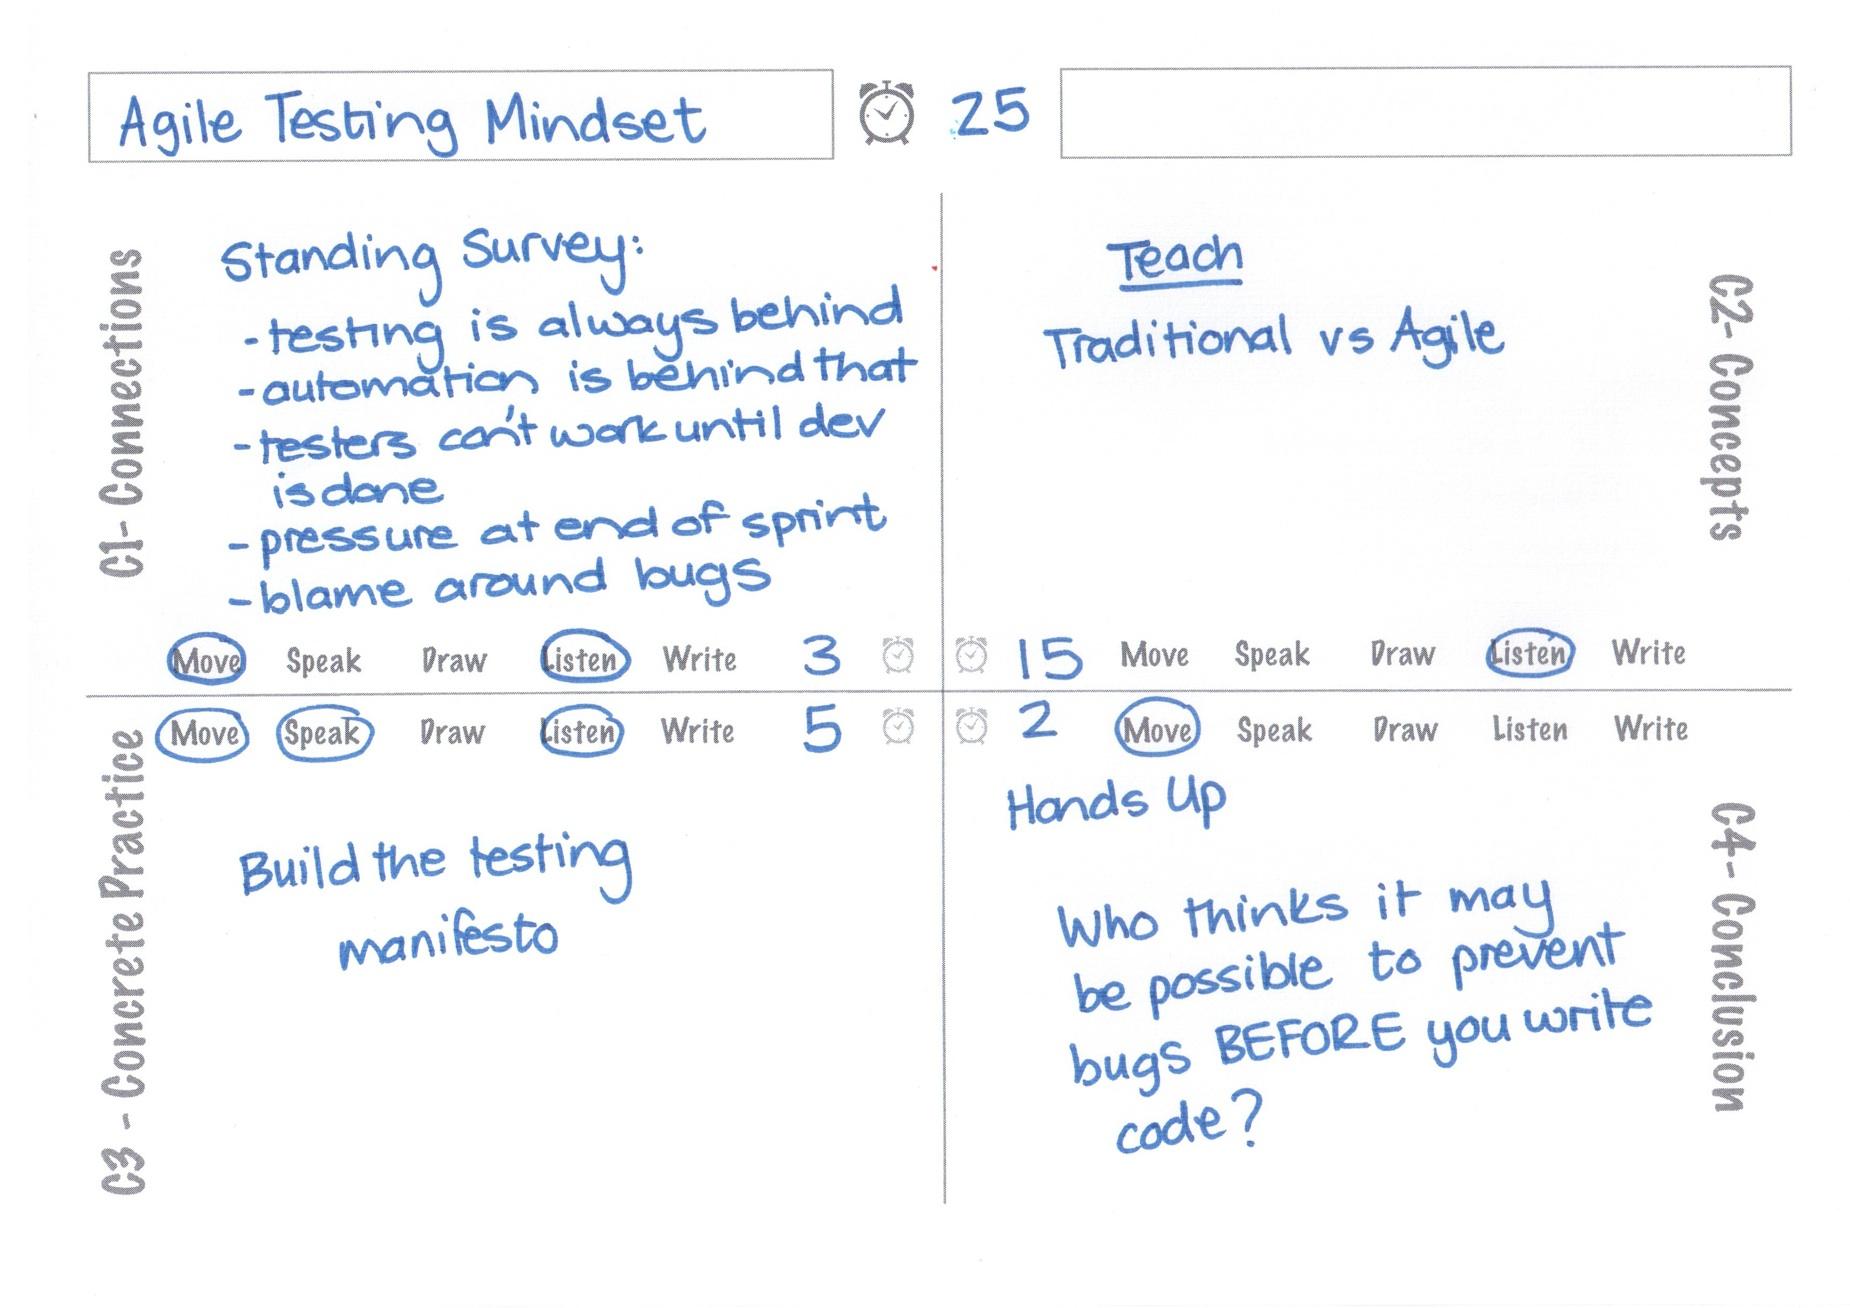 agile test plan template the agile testing test plan test plan agile test plan template. Black Bedroom Furniture Sets. Home Design Ideas